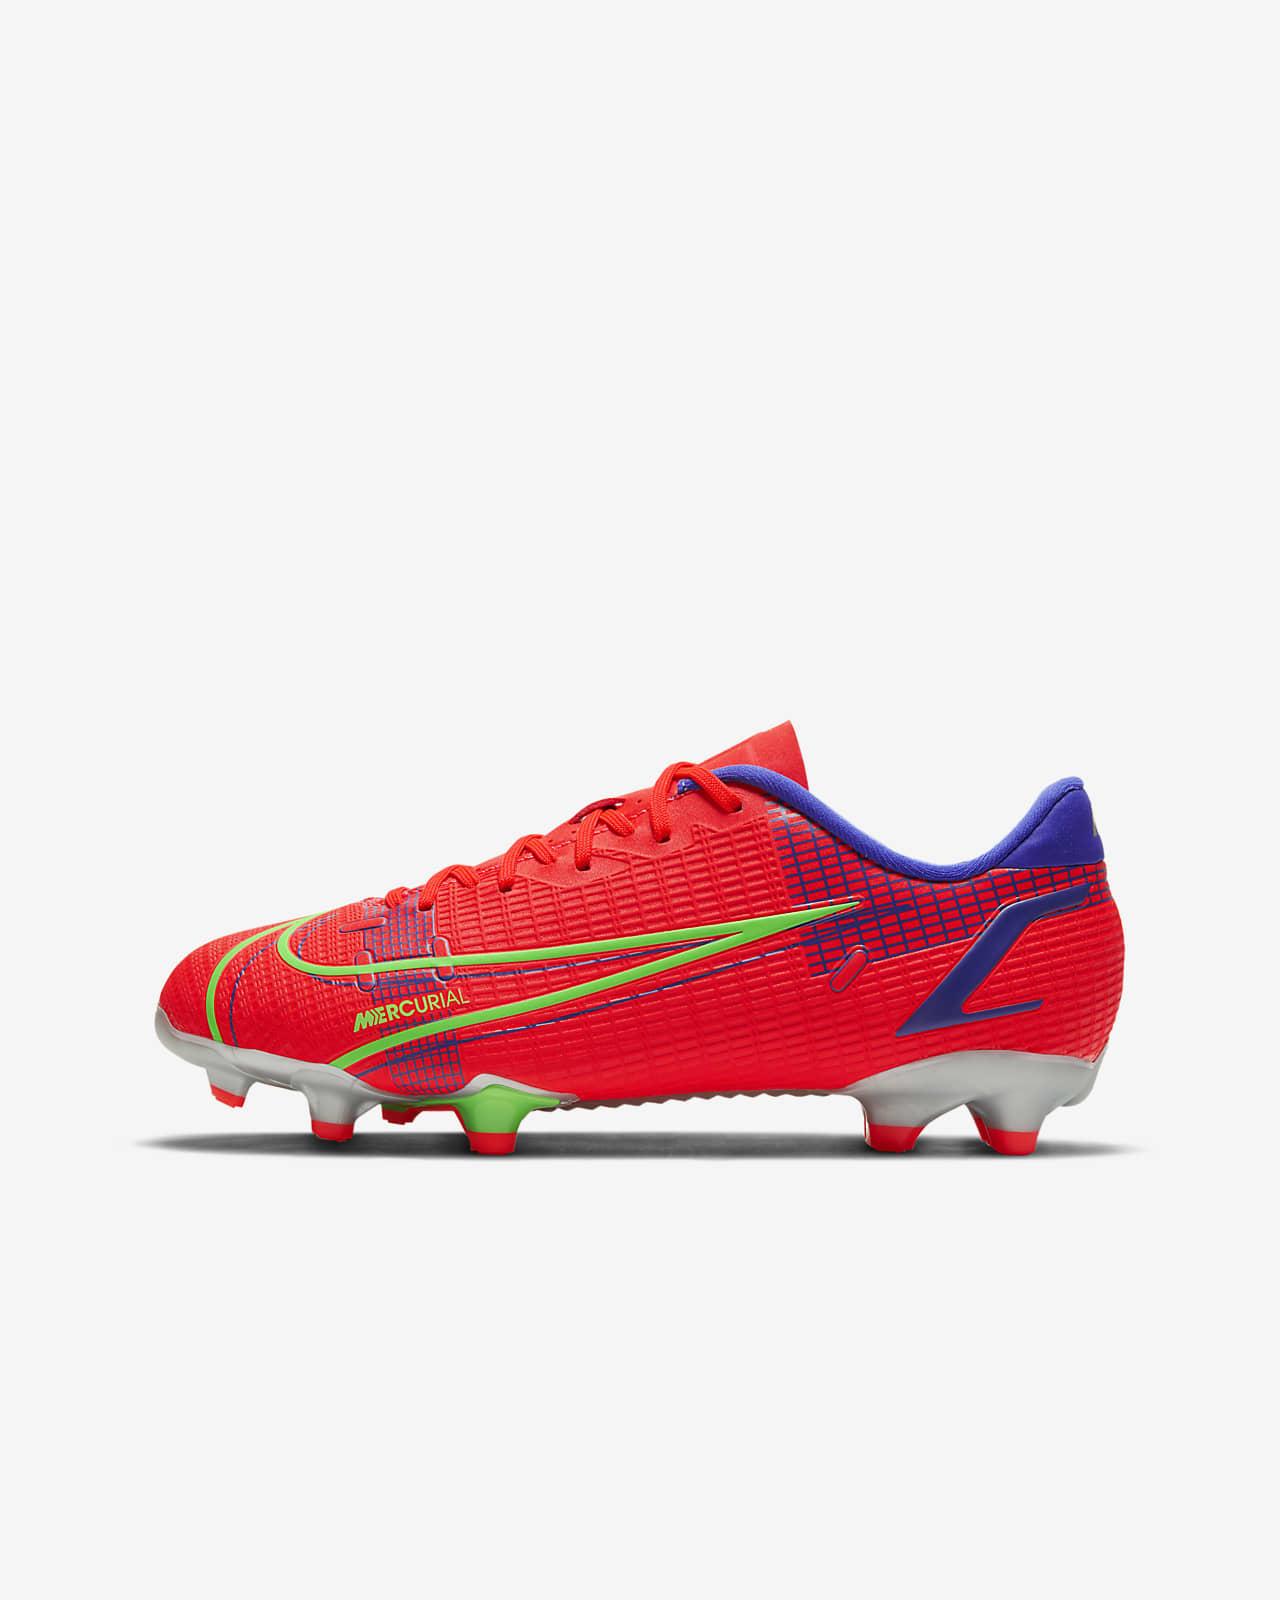 รองเท้าสตั๊ดฟุตบอลเด็กเล็ก/เด็กโตสำหรับพื้นหลายประเภท Nike Jr. Mercurial Vapor 14 Academy FG/MG